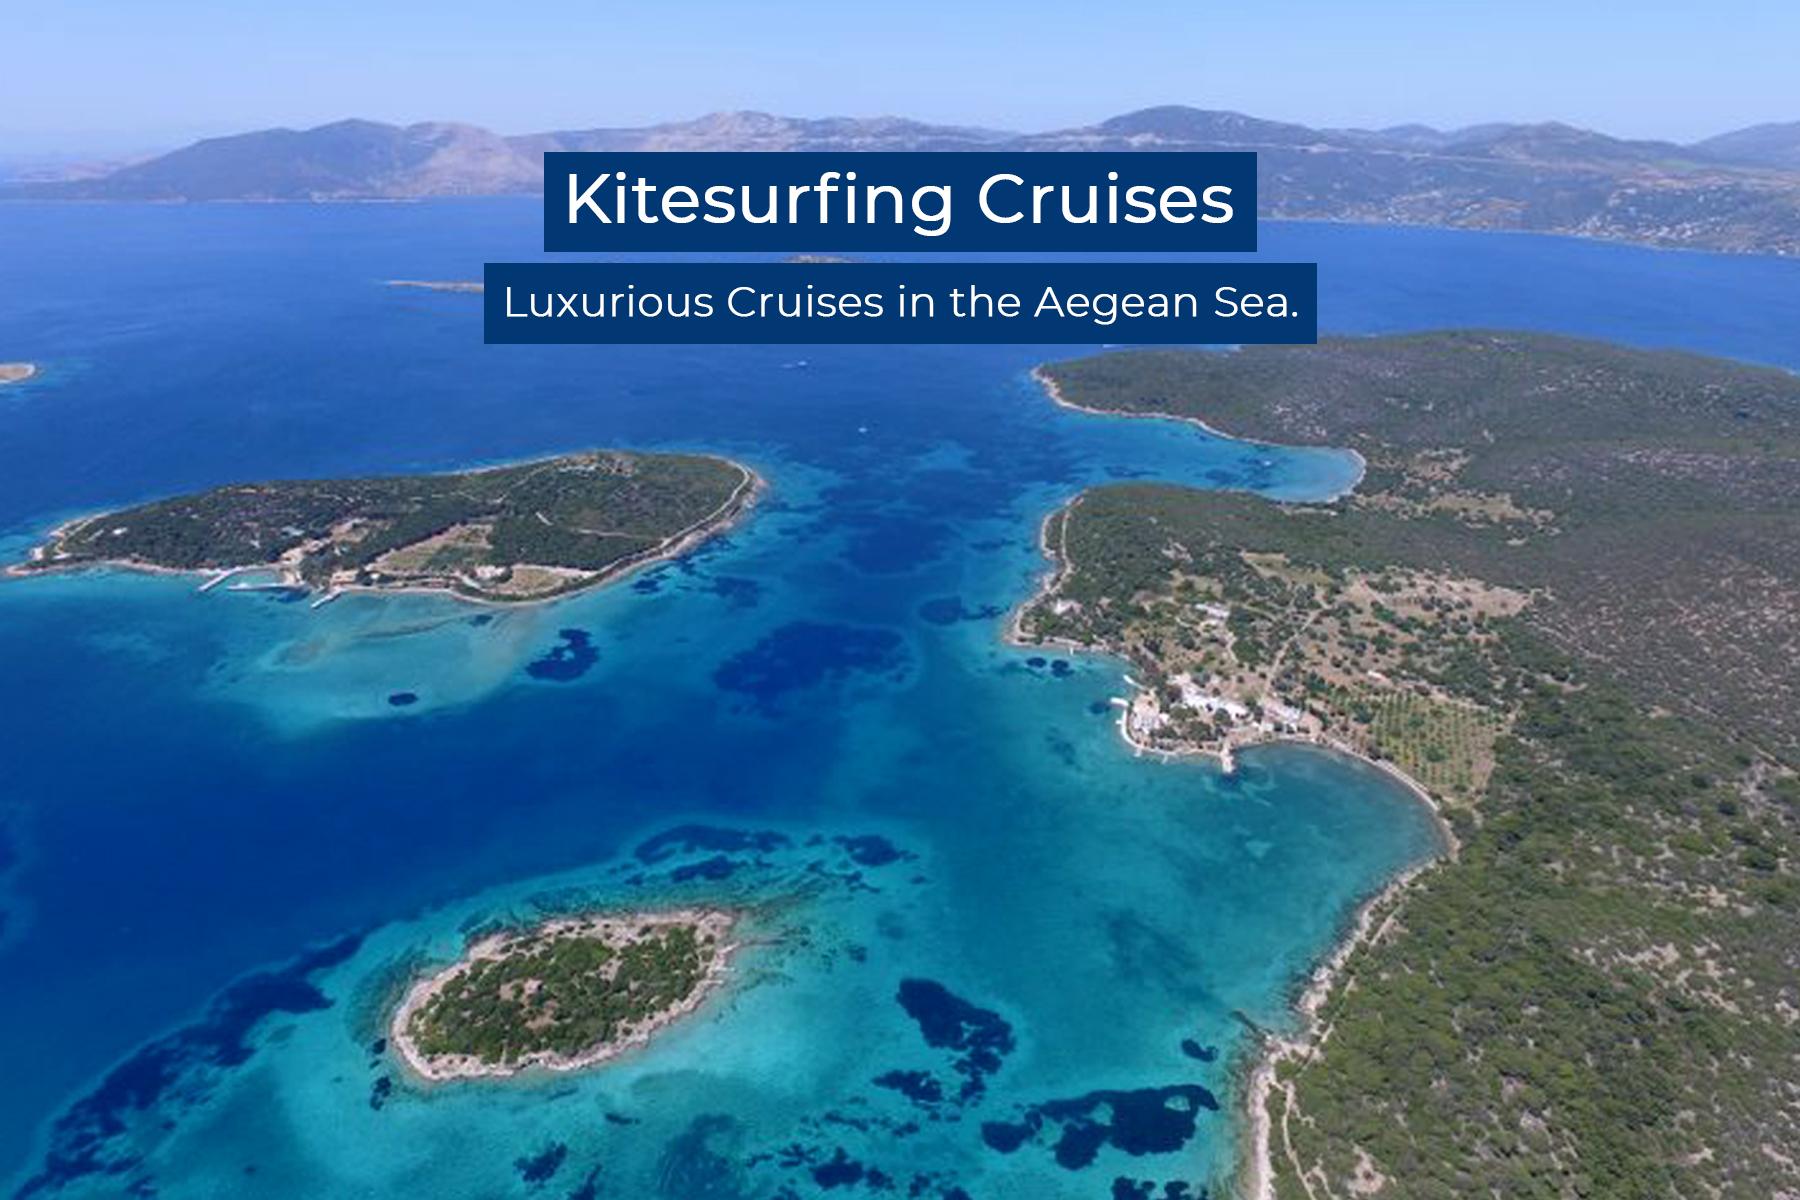 kitesurfing cruise